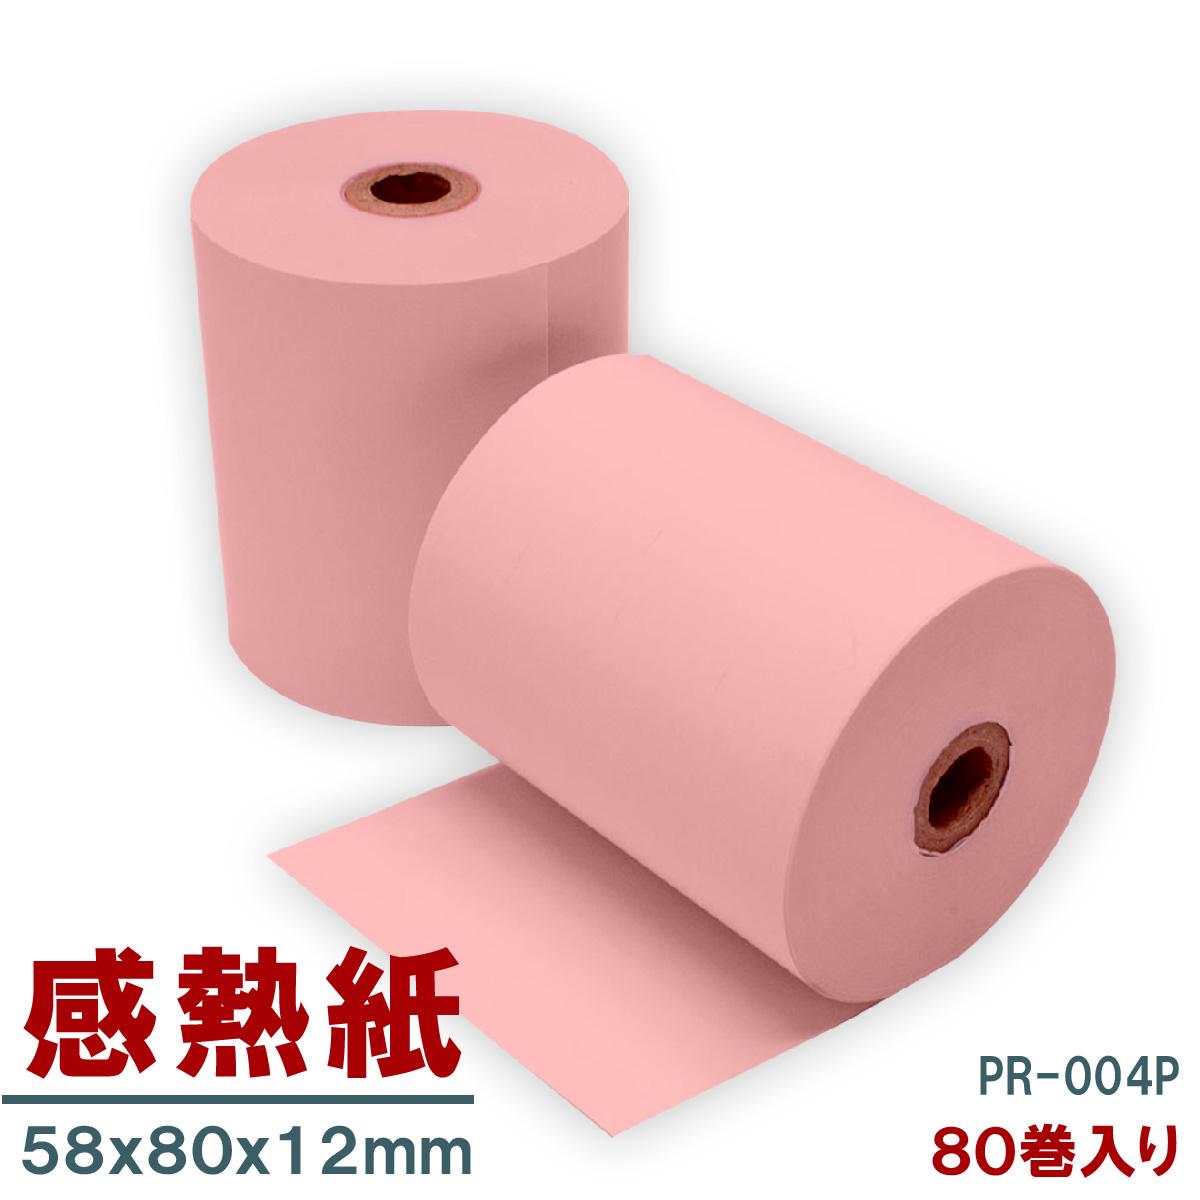 感熱紙 58×80×12 ピンク RP-004P 80巻入